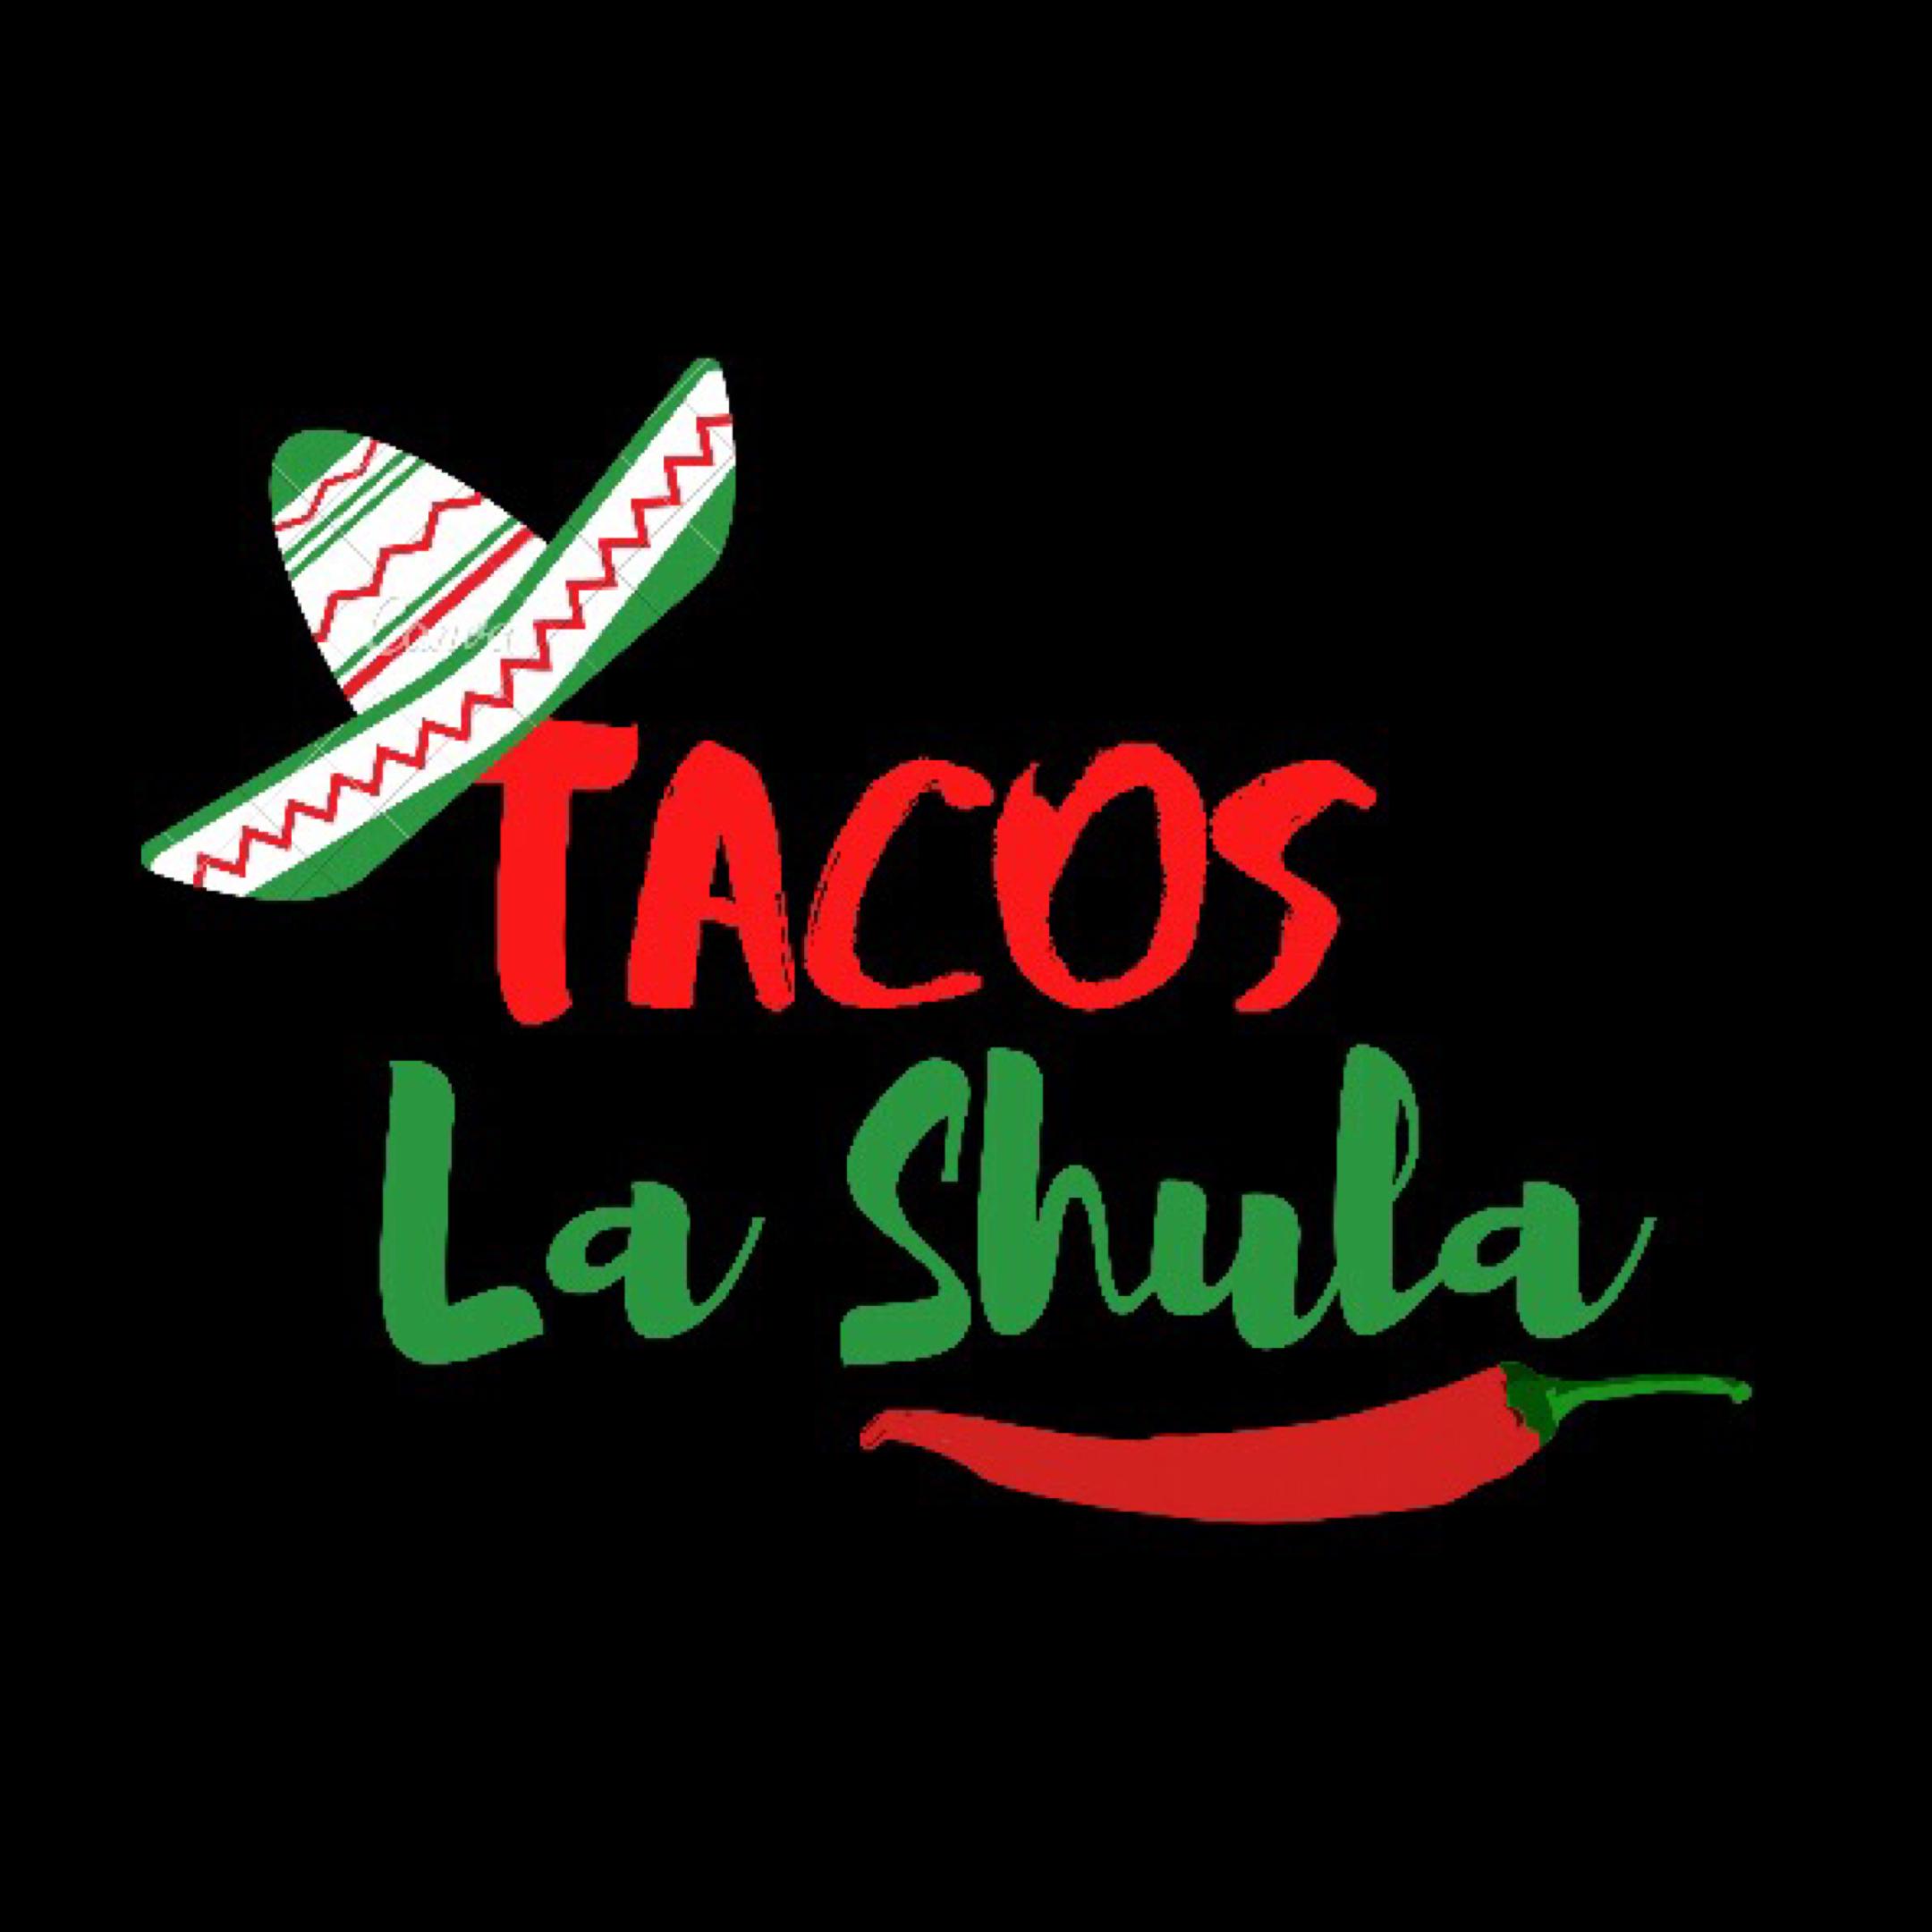 Tacos La Shula